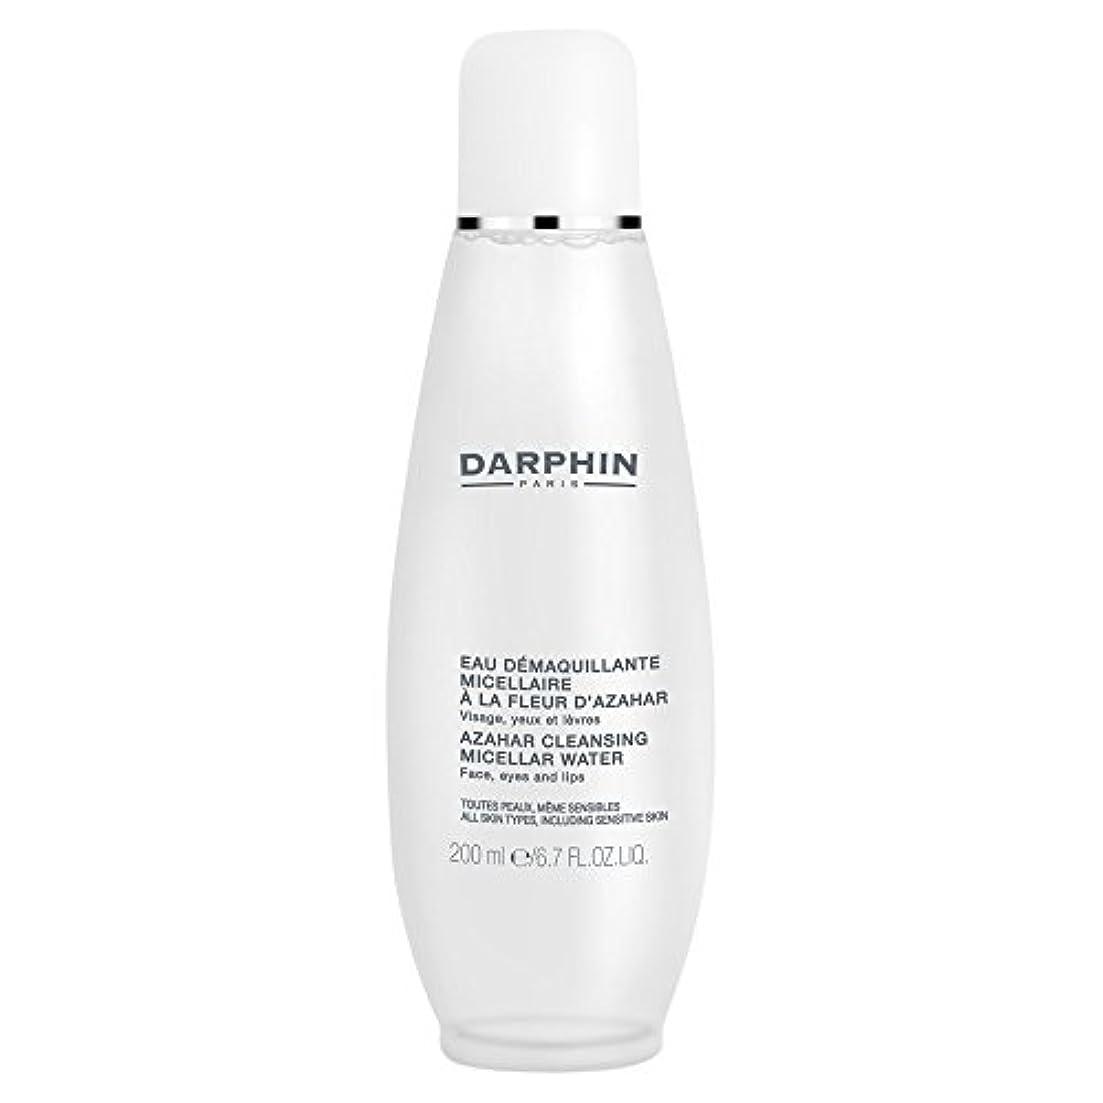 製造業軍艦解き明かすミセル水クレンジングアサールダルファン、200ミリリットル (Darphin) (x6) - Darphin Azahar Cleansing Micellar Water, 200ml (Pack of 6) [並行輸入品]